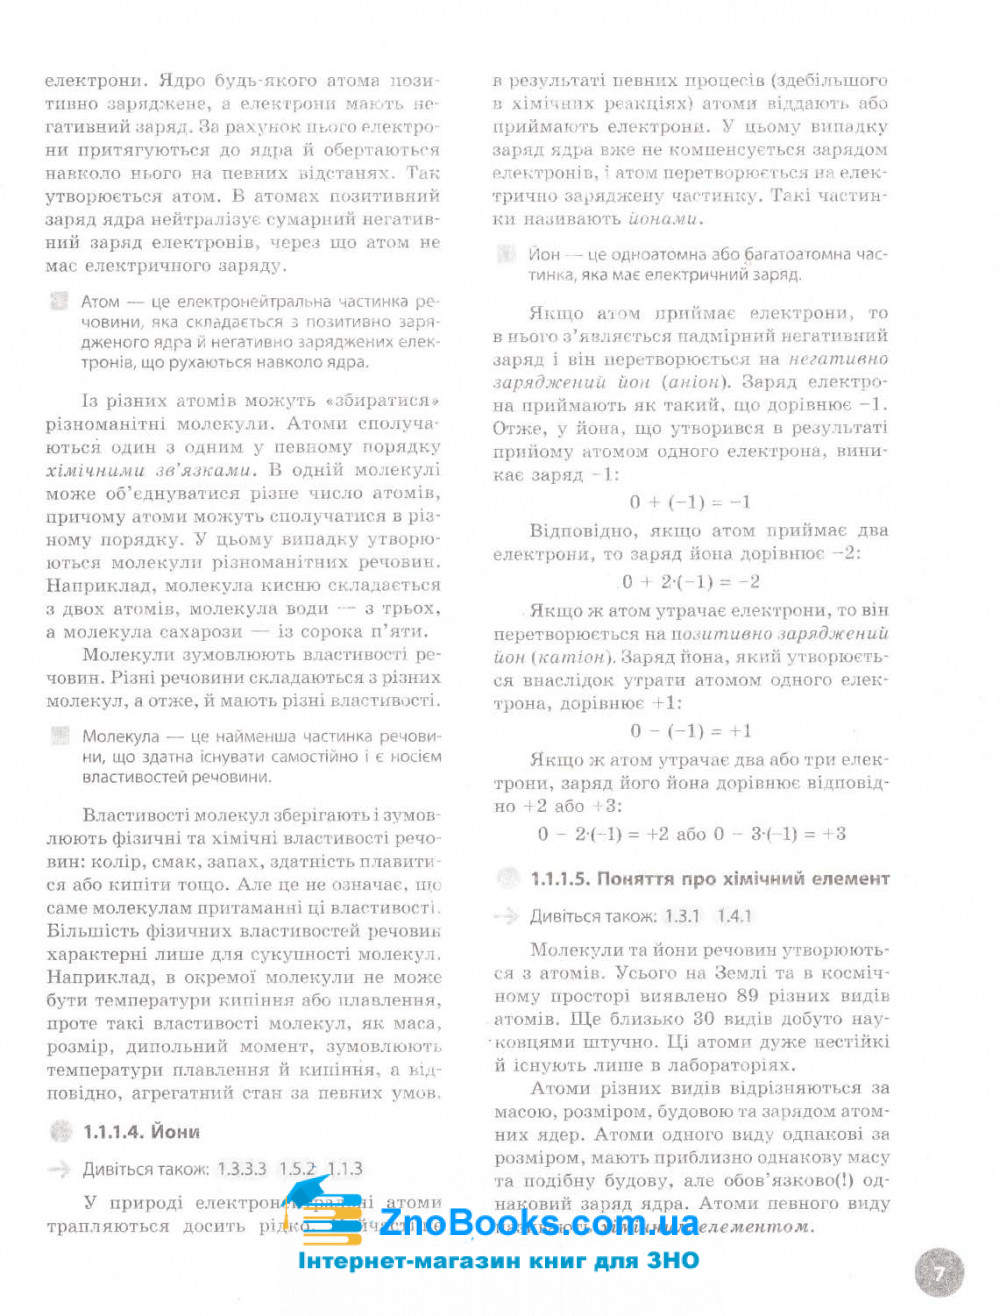 ХІМІЯ ЗНО 2022. ІНТЕРАКТИВНИЙДОВІДНИК-ПРАКТИКУМ : ГРИГОРОВИЧ. РАНОК КУПИТИ 7